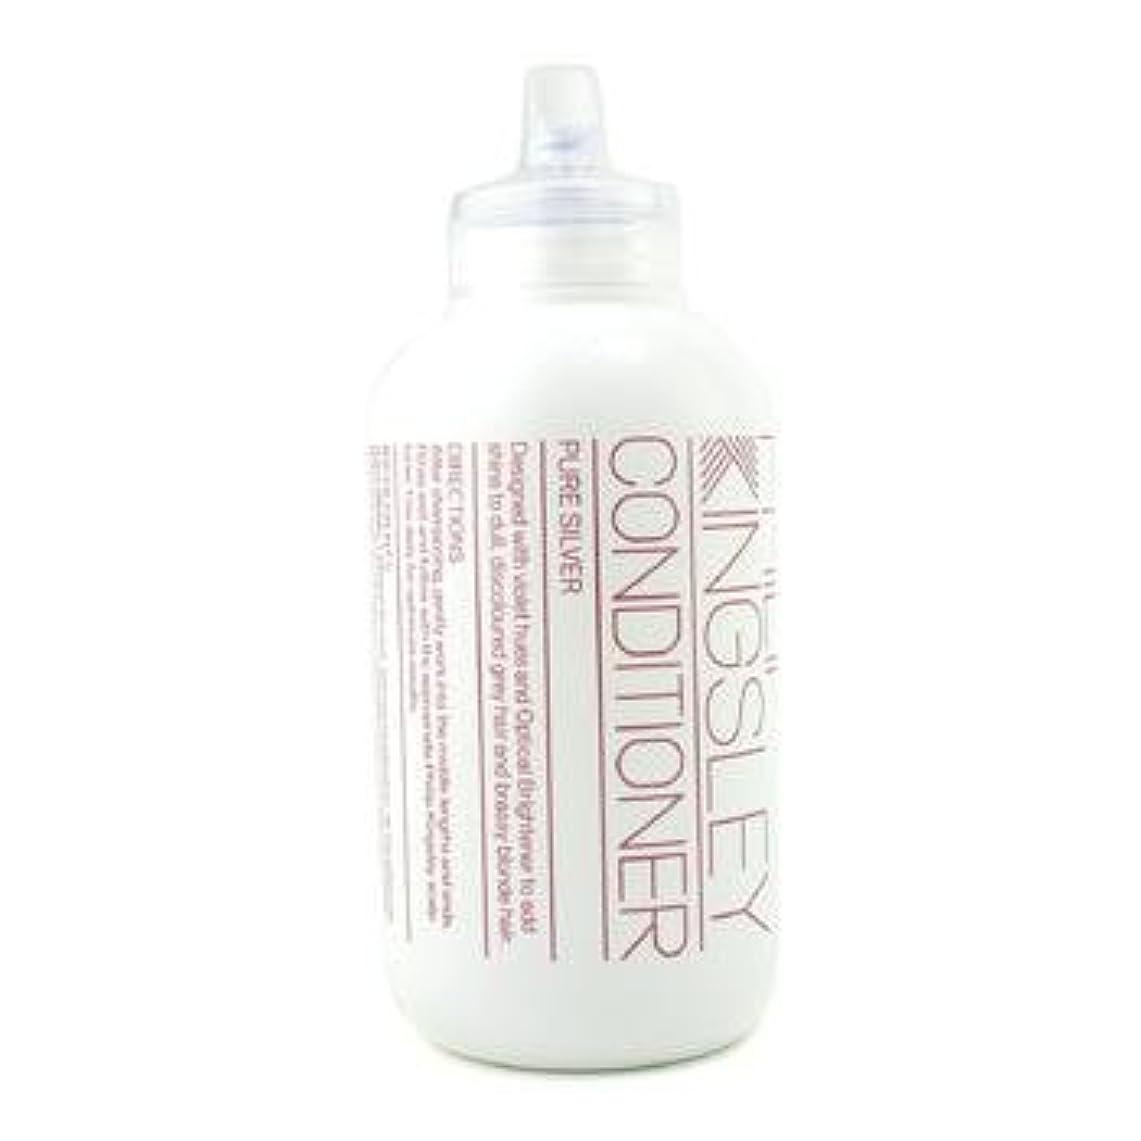 ファイル円形の一致[Philip Kingsley] Pure Silver Conditioner ( For Dull Discoloured Grey Hair and Brassy Blonde Hair ) 250ml/8.45oz